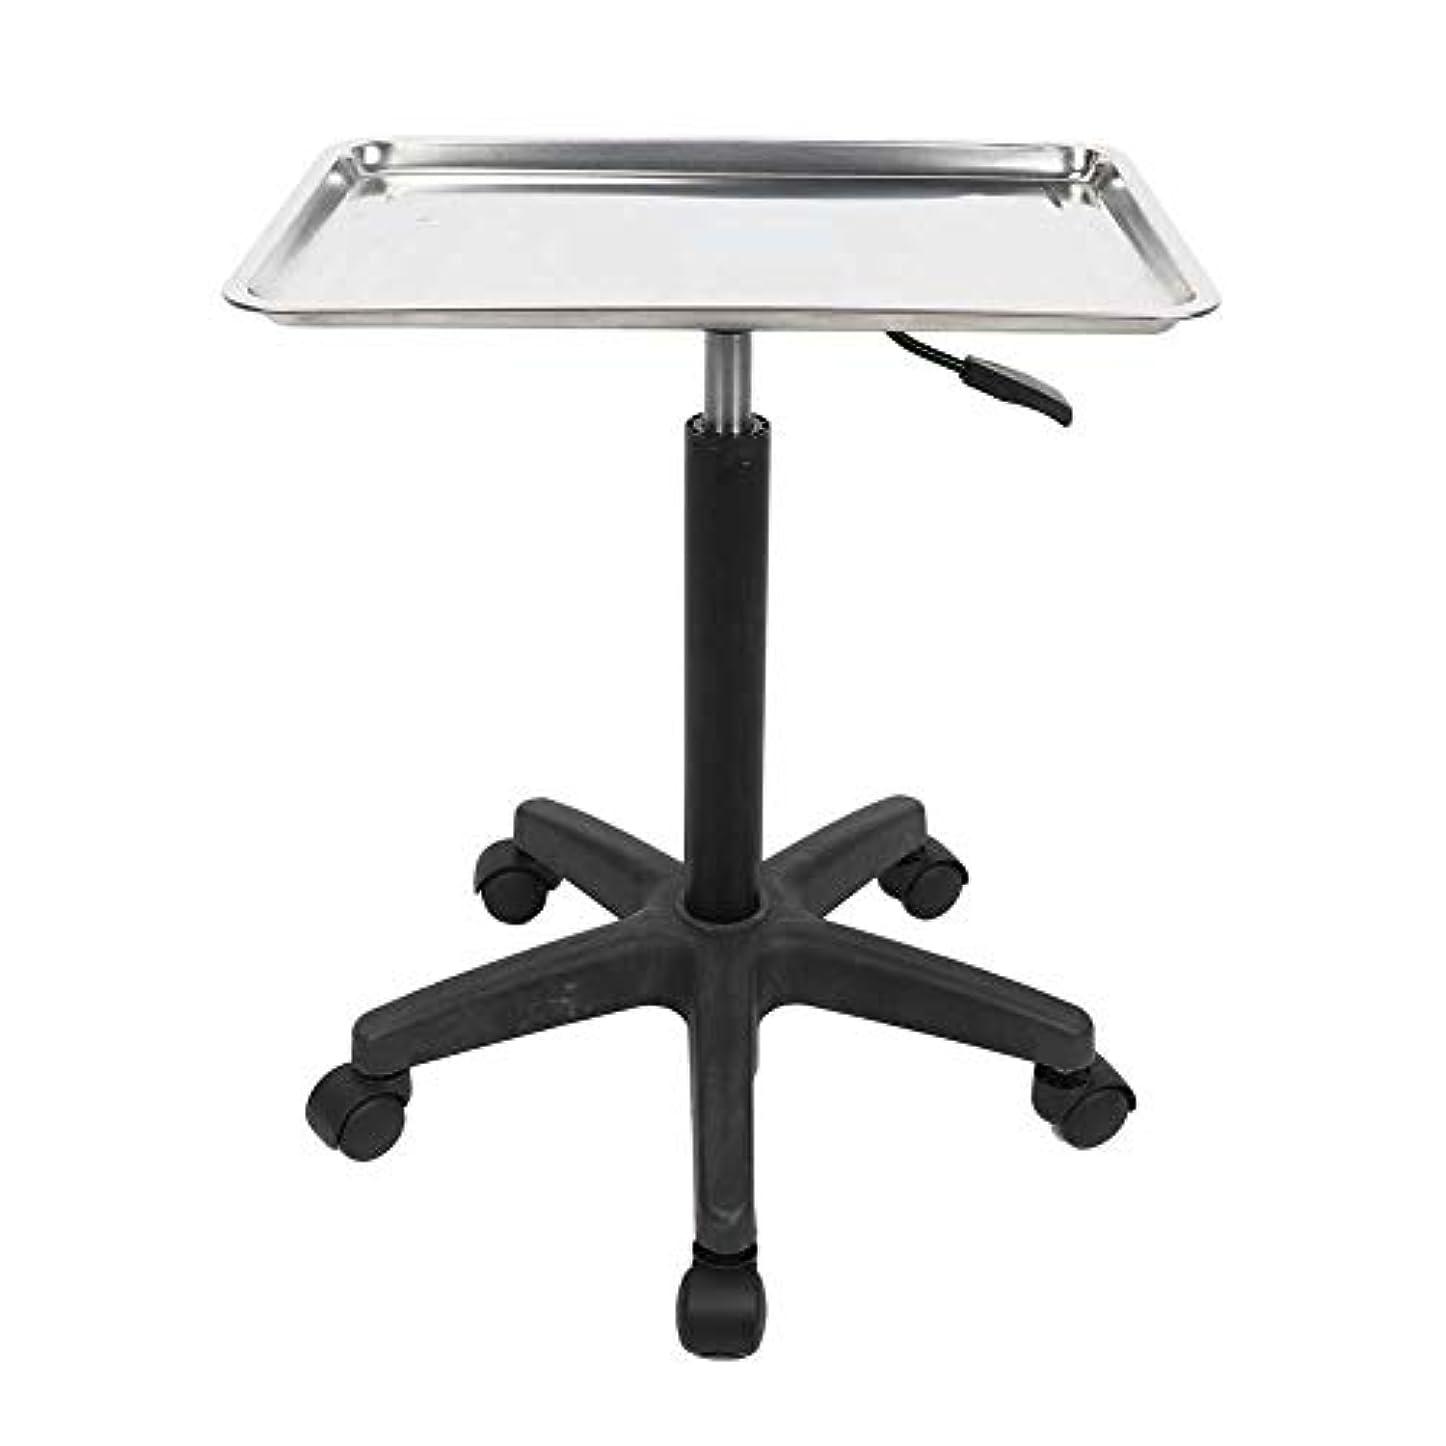 鉄クラフト着る美容院の芸術のための多機能の調節可能なステンレス鋼の皿のトロリー(トレイ)